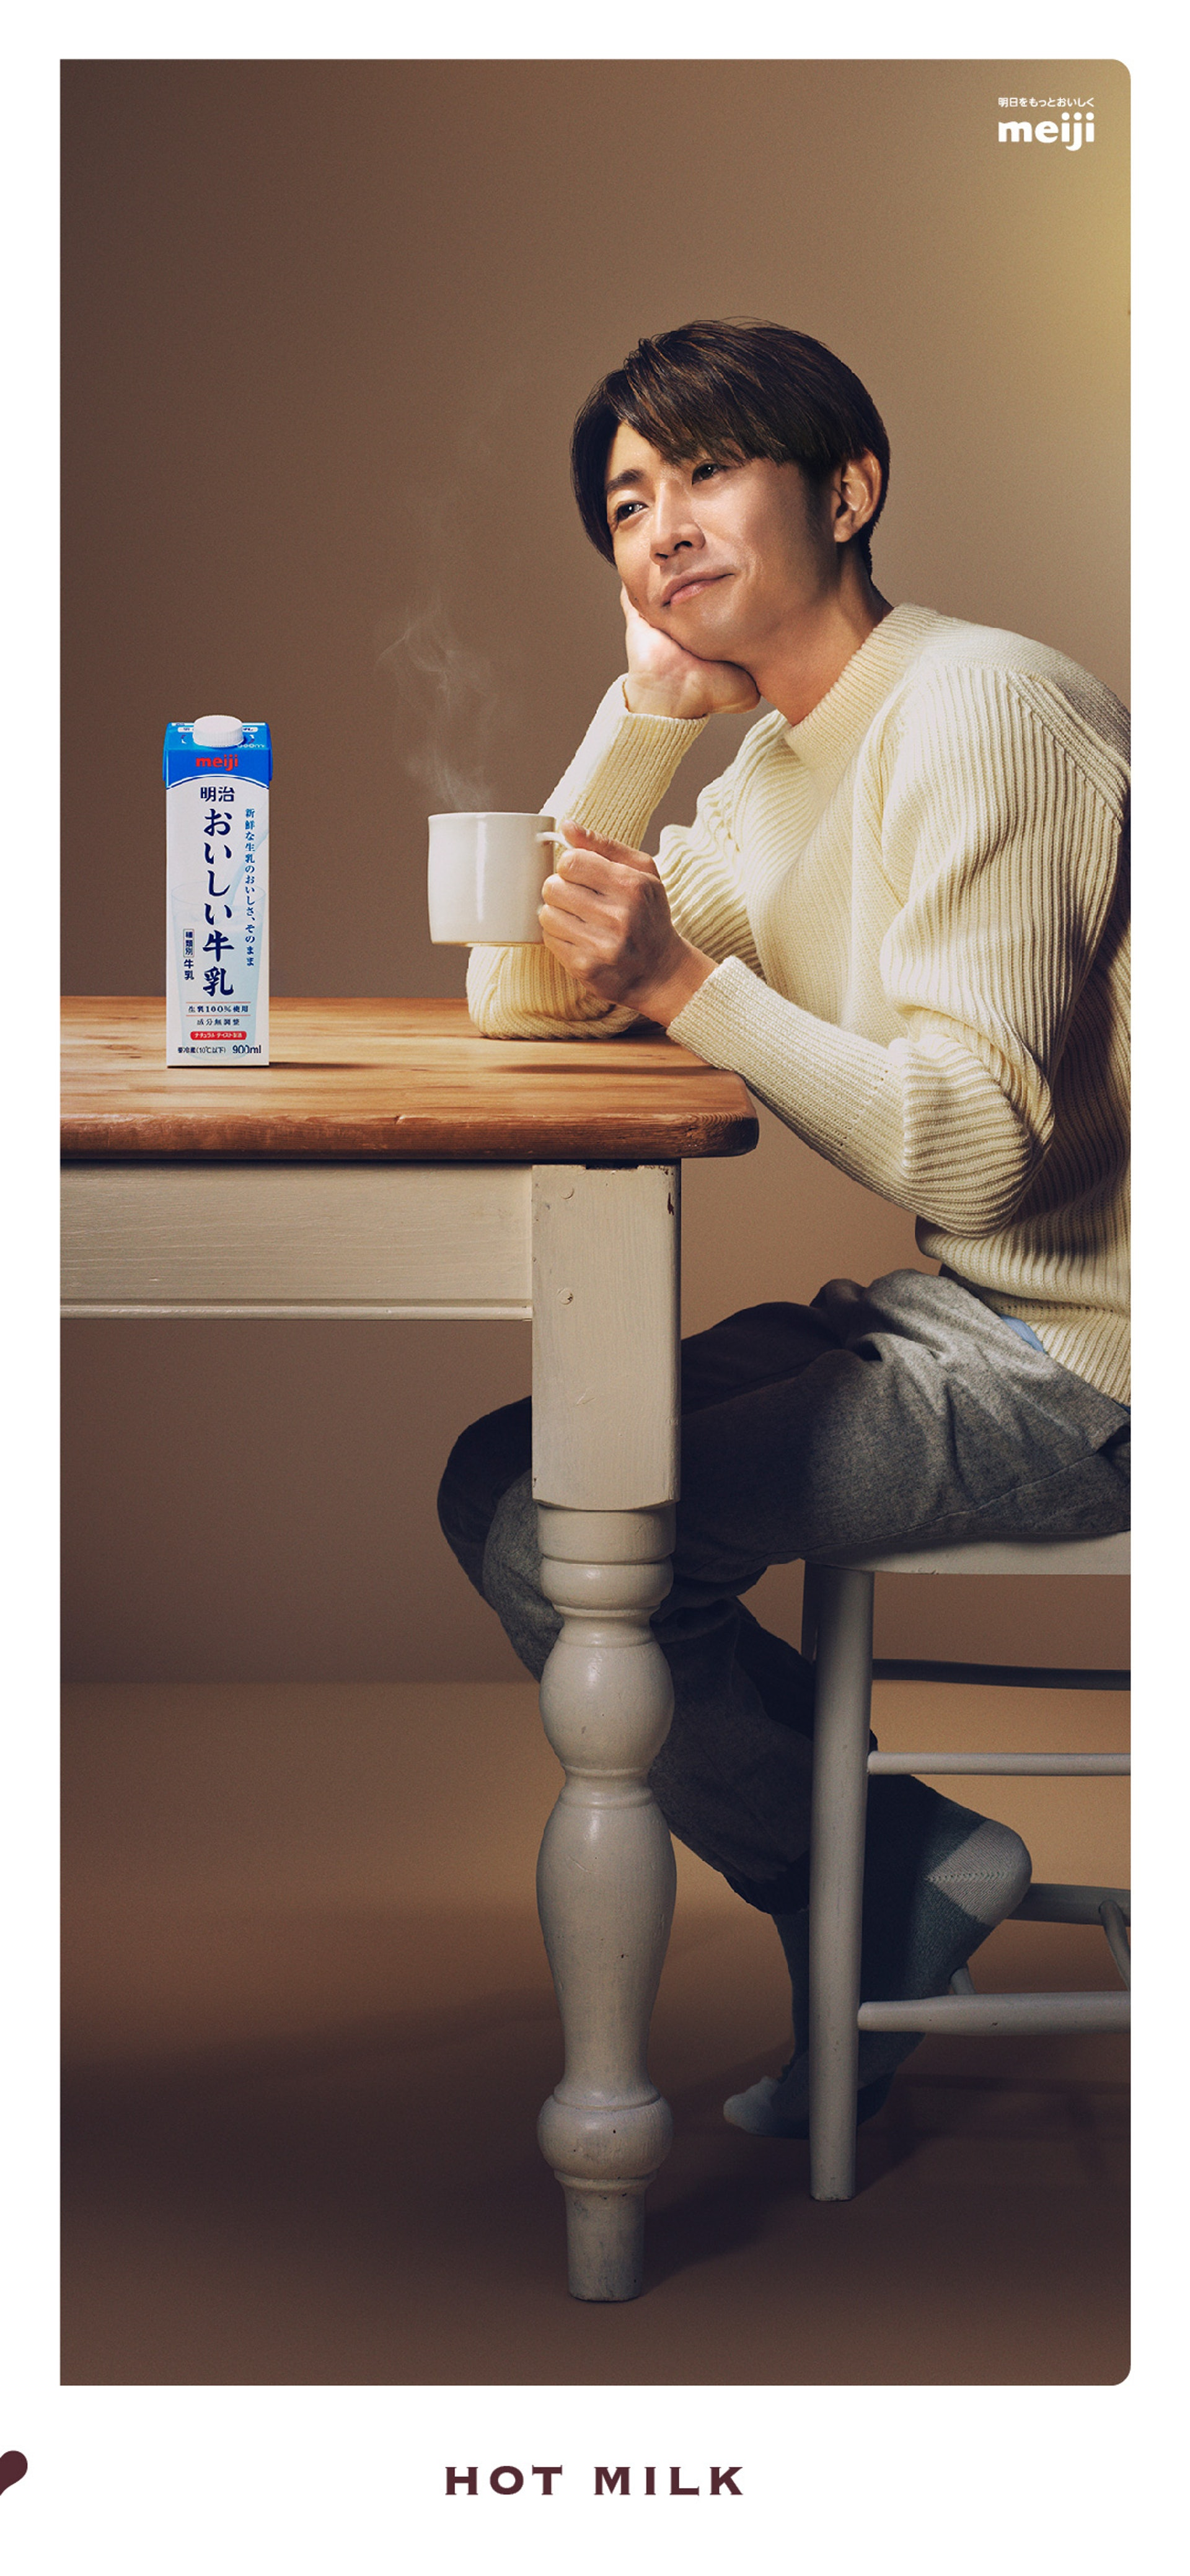 嵐arashi 相葉雅紀 松本潤暖入心廣告造型桌布限時免費下載 香港01